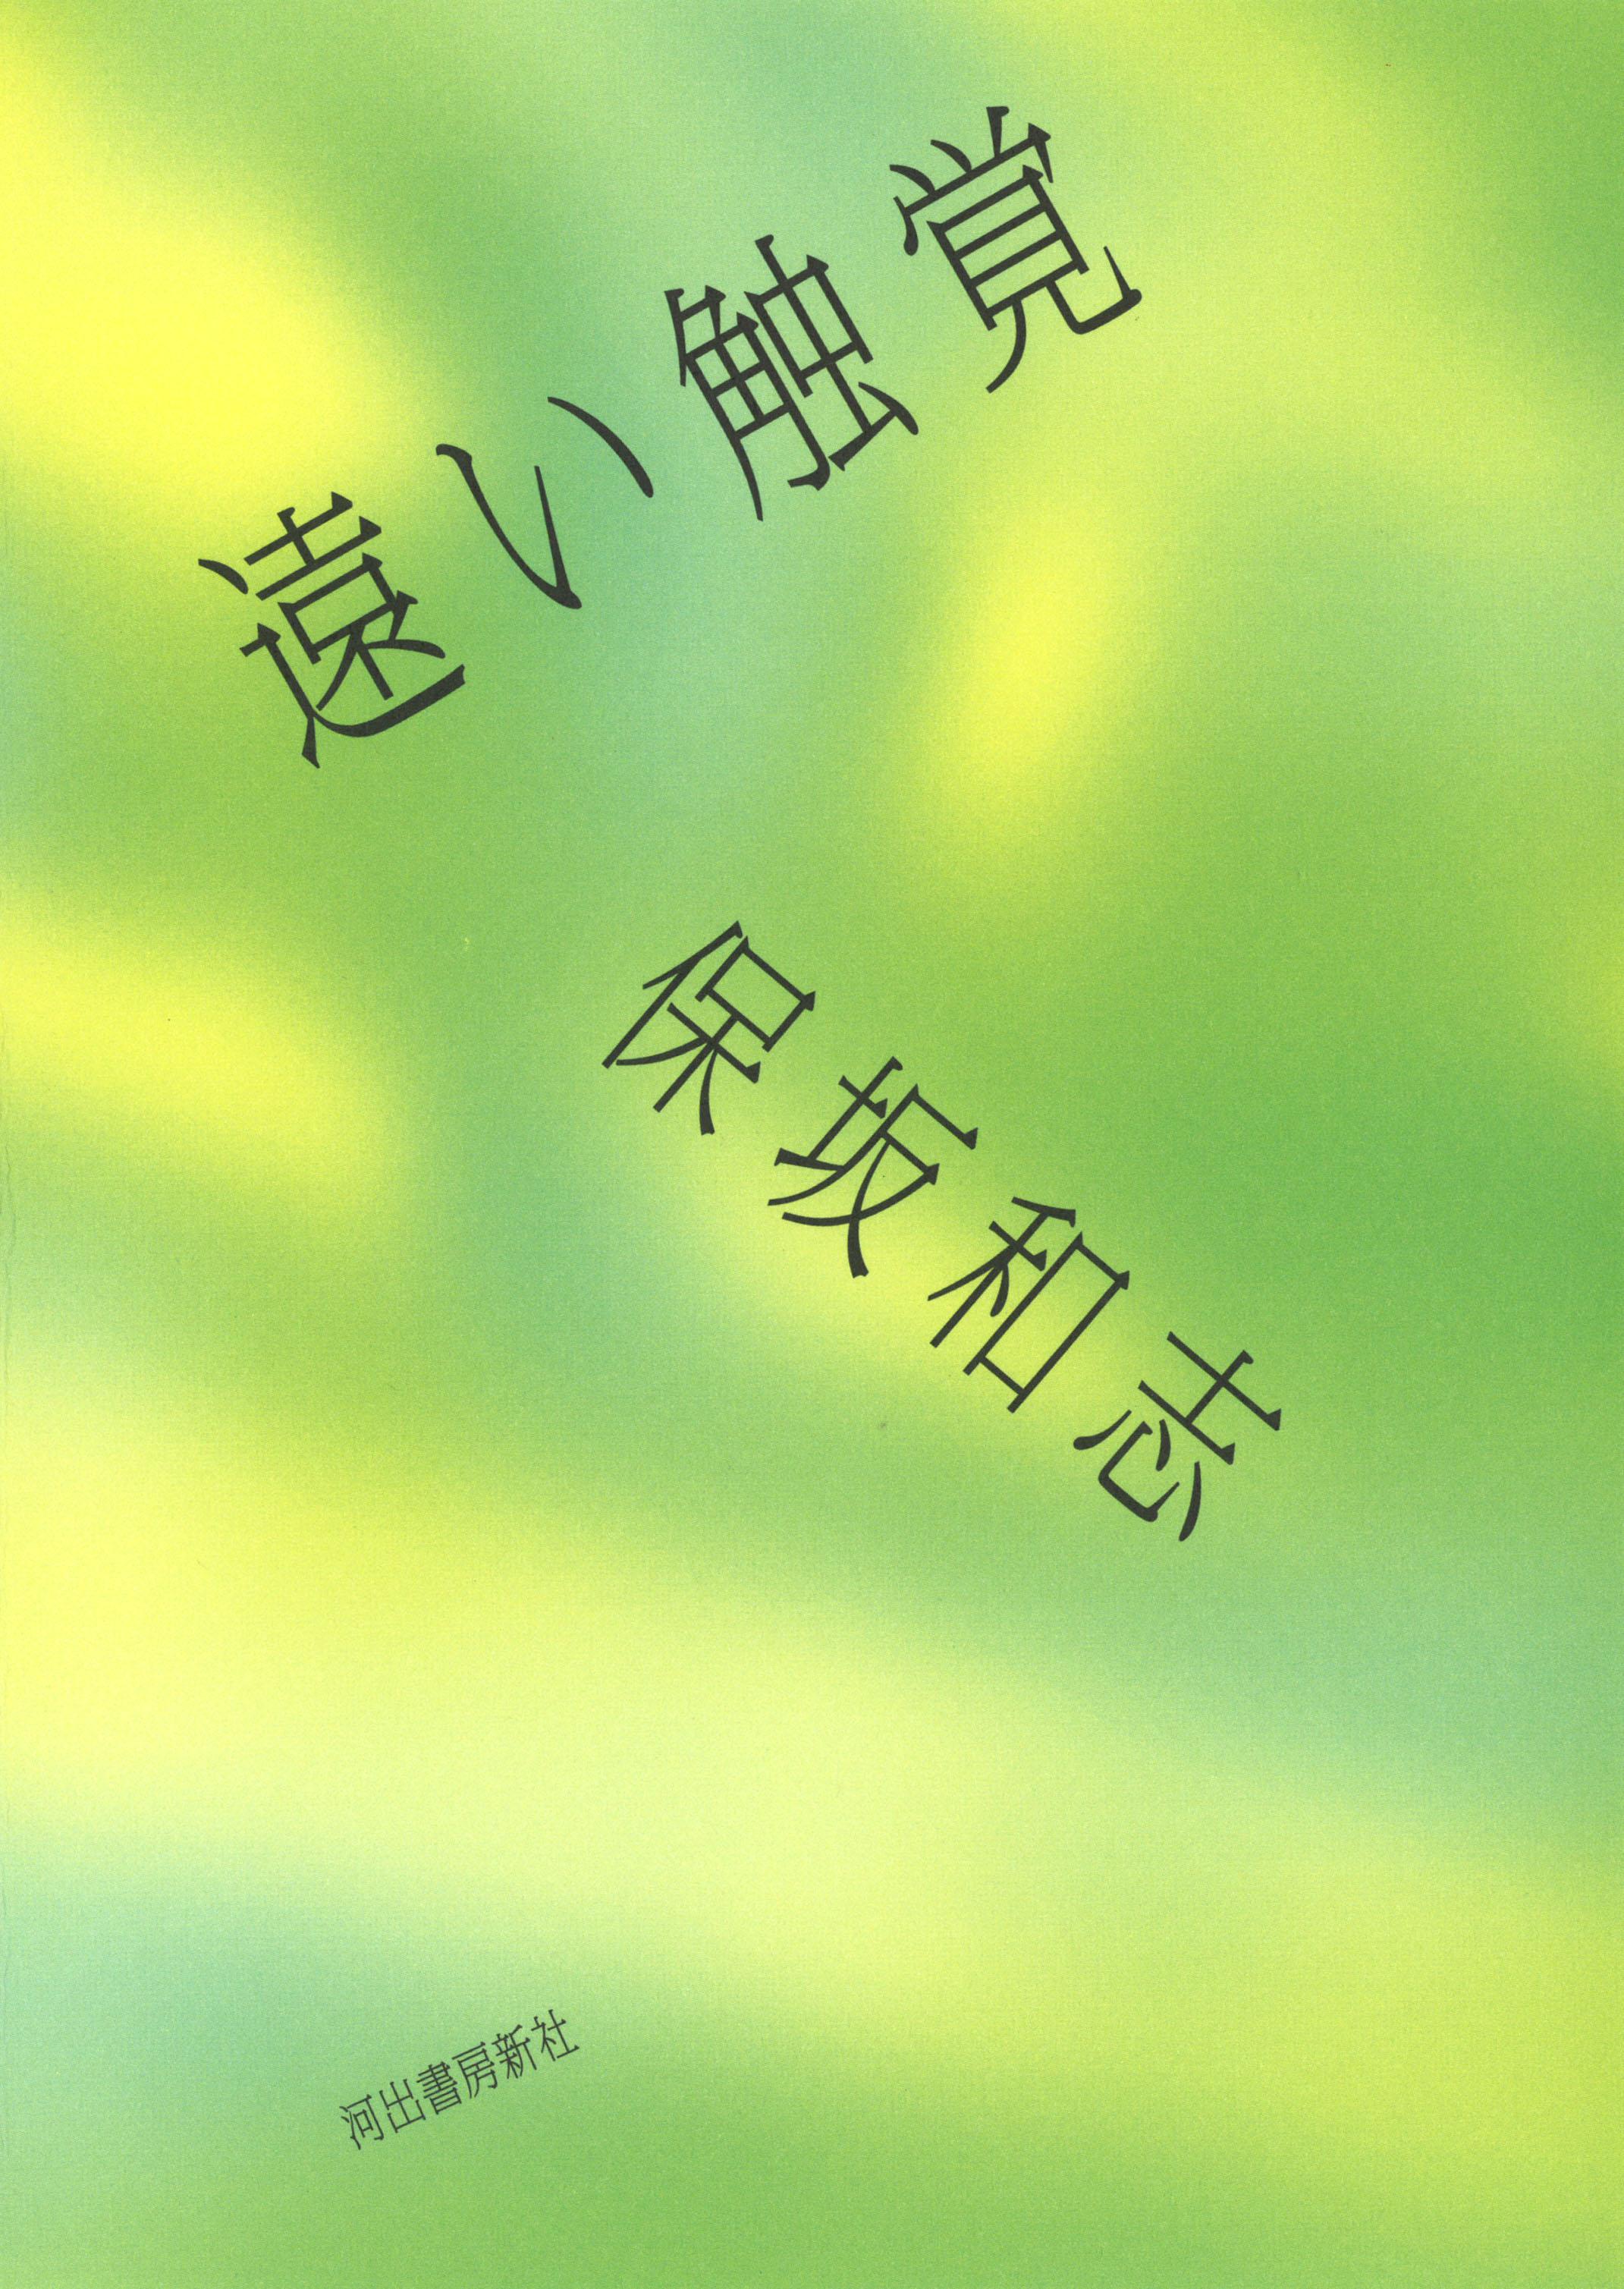 『遠い触覚』保坂和志